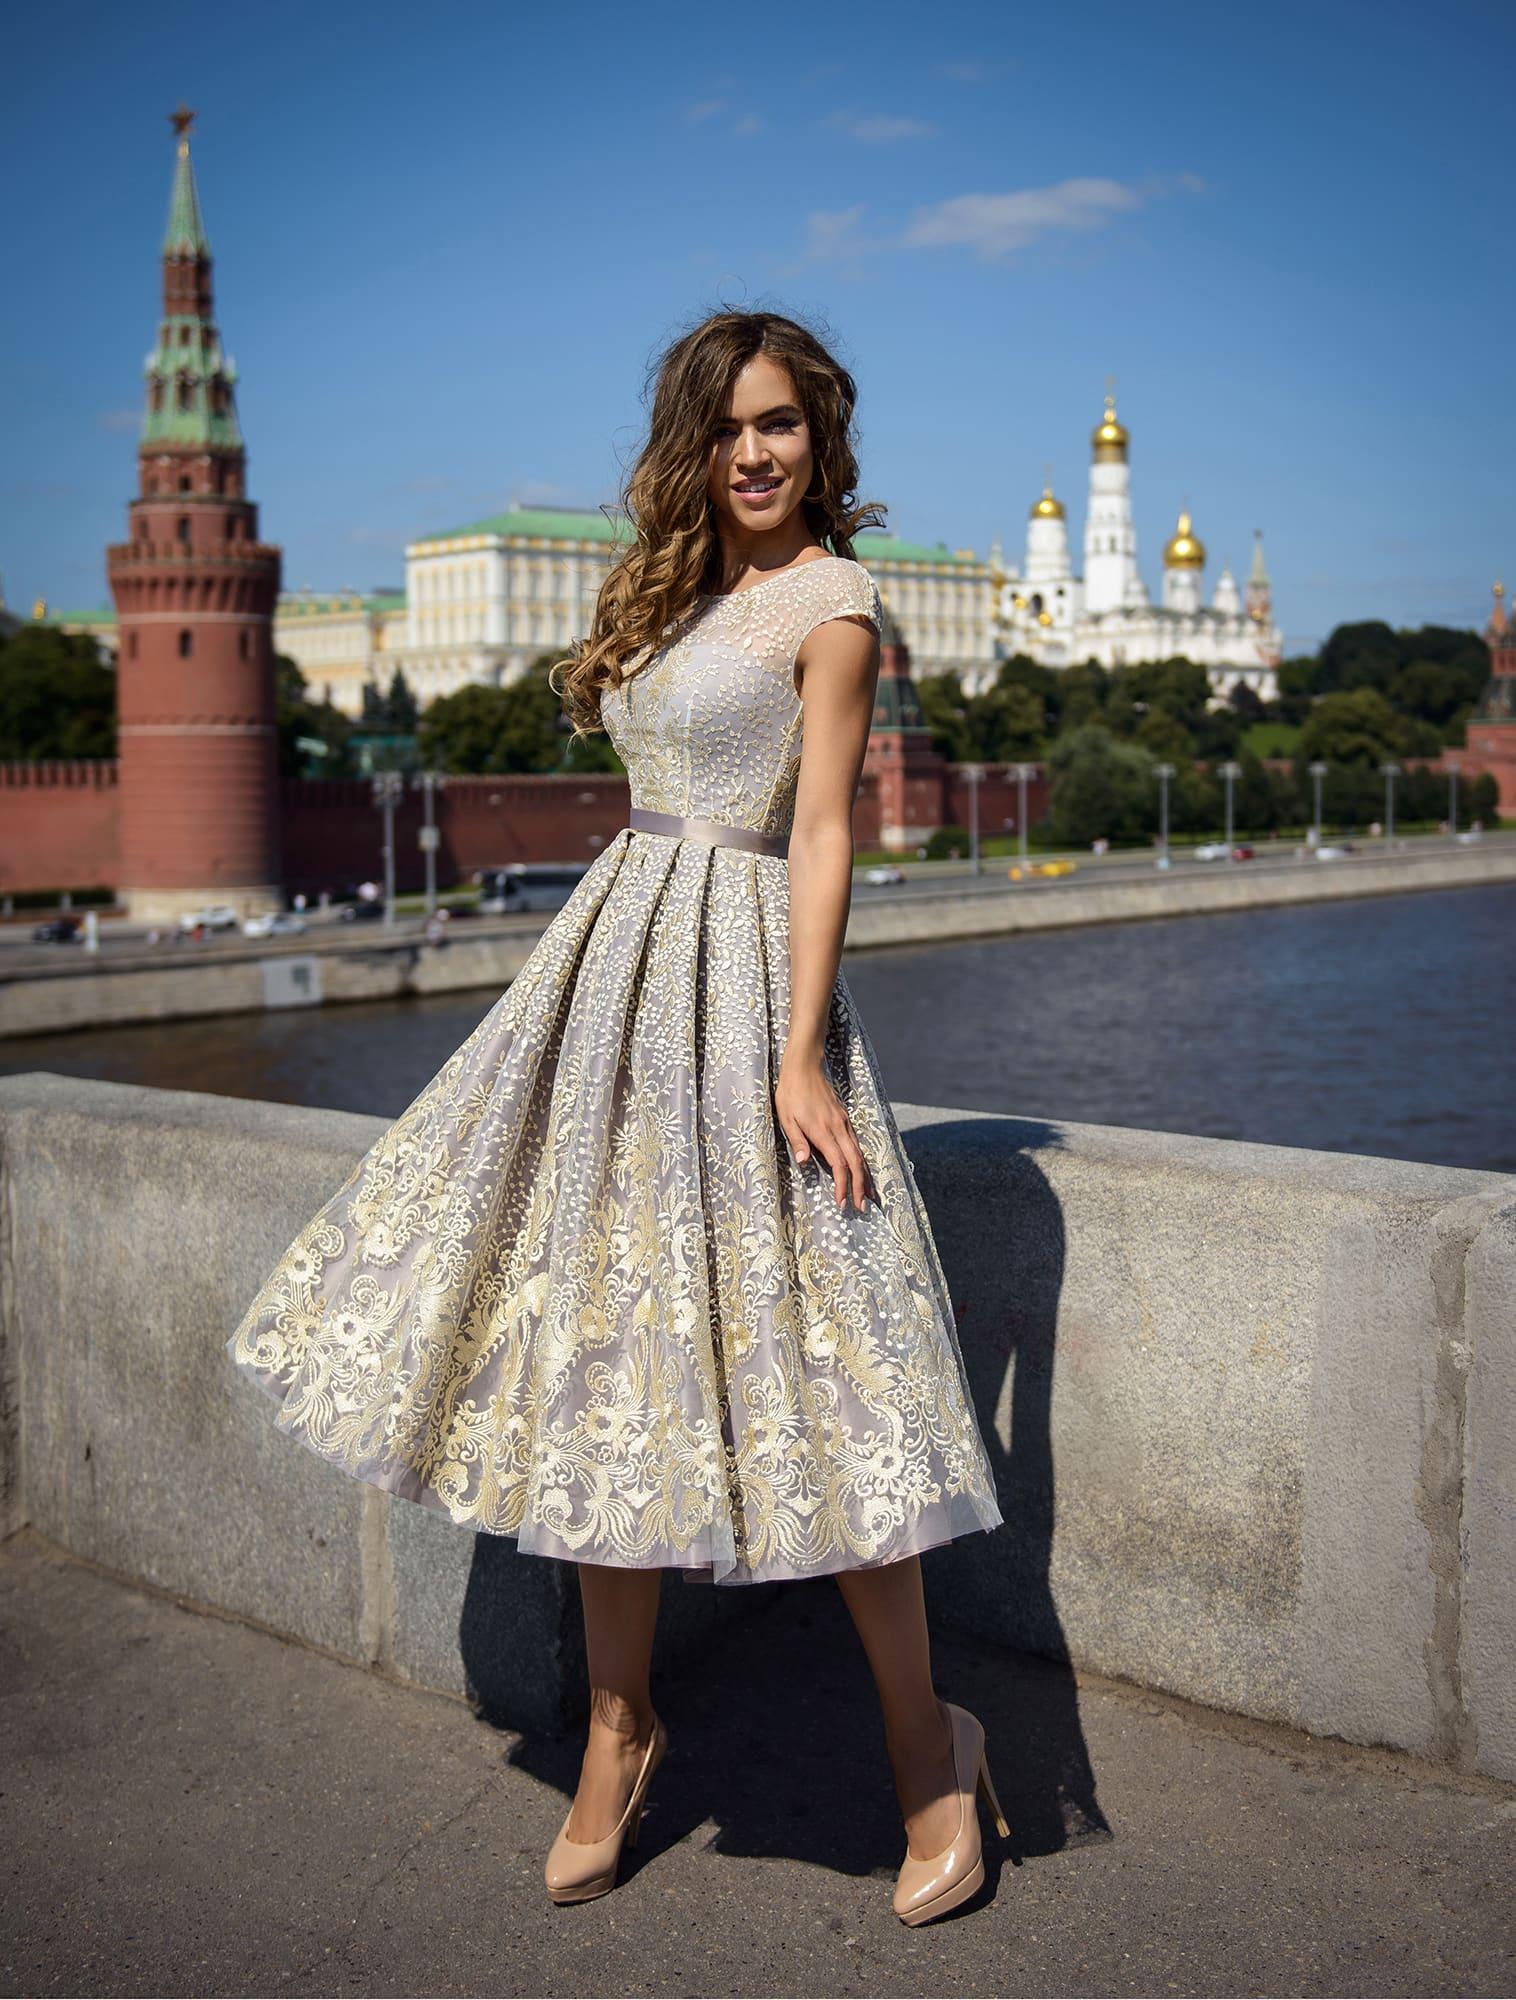 купить вечернее короткое платье в москве недорого